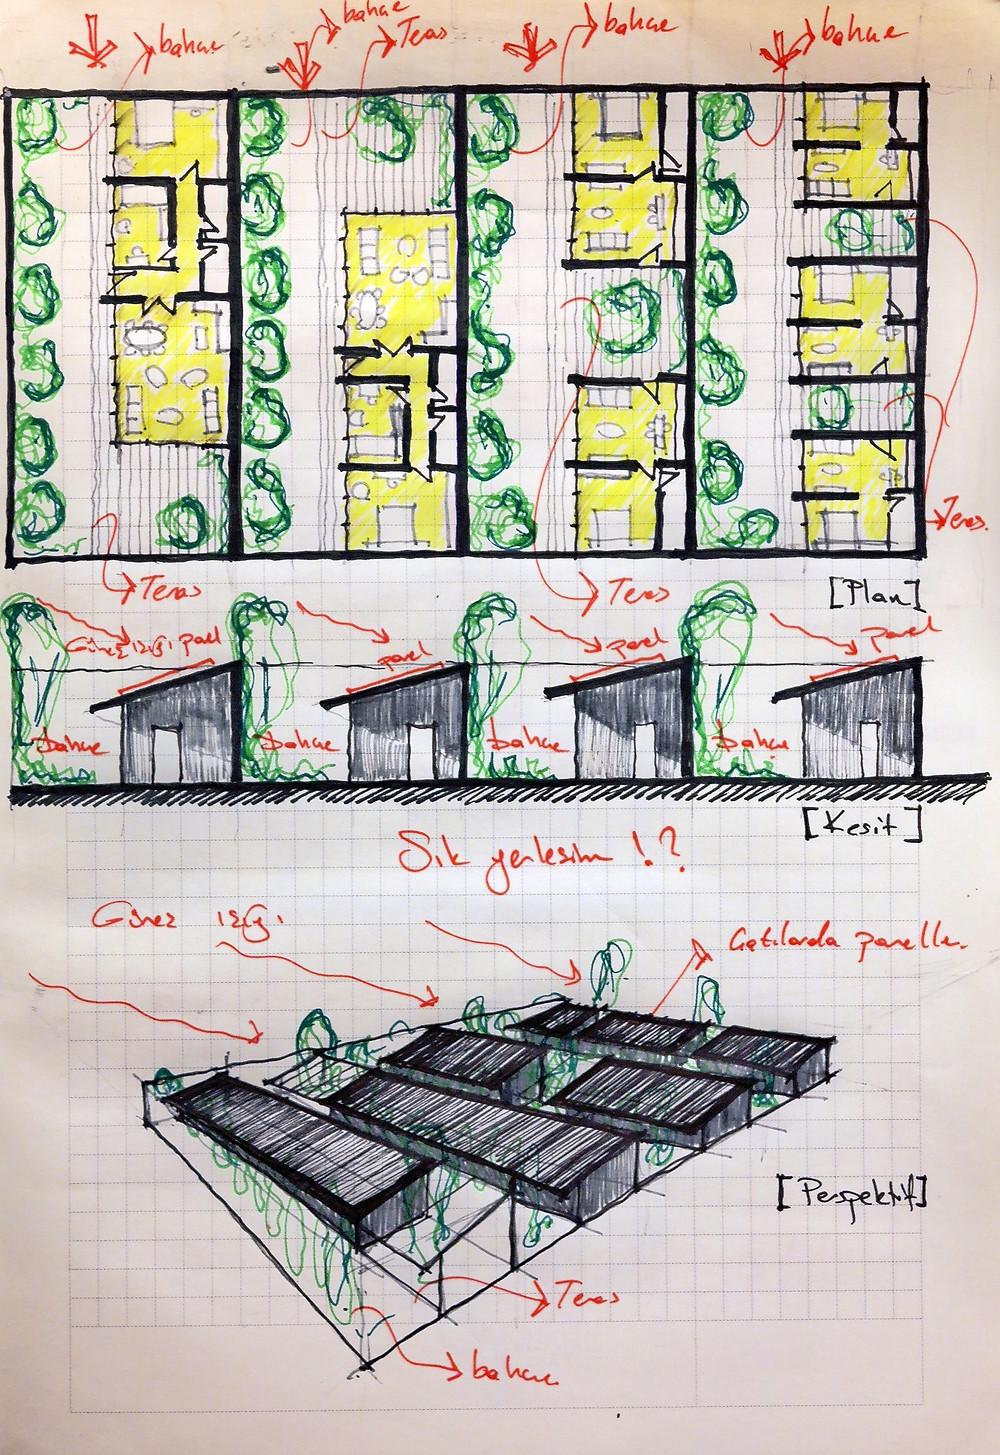 Vill inşaatı yapım aşamaları - 1 [Yüklenici Seçimi ve kaba Yapı İnşaatı]